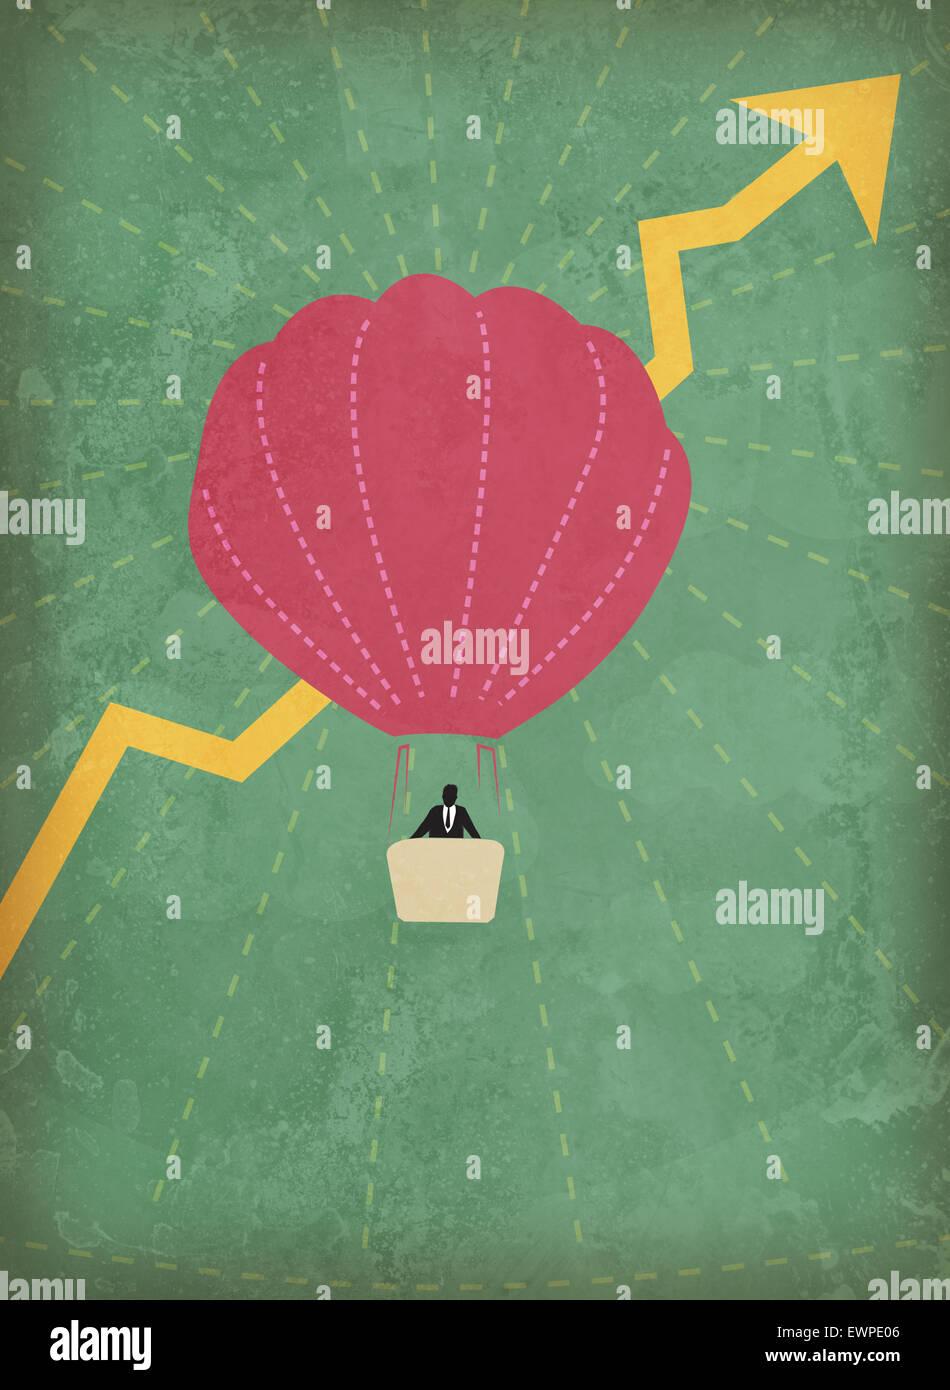 Geschäftsmann, fliegen im Heißluftballon mit Gewinnsteigerung Stockbild